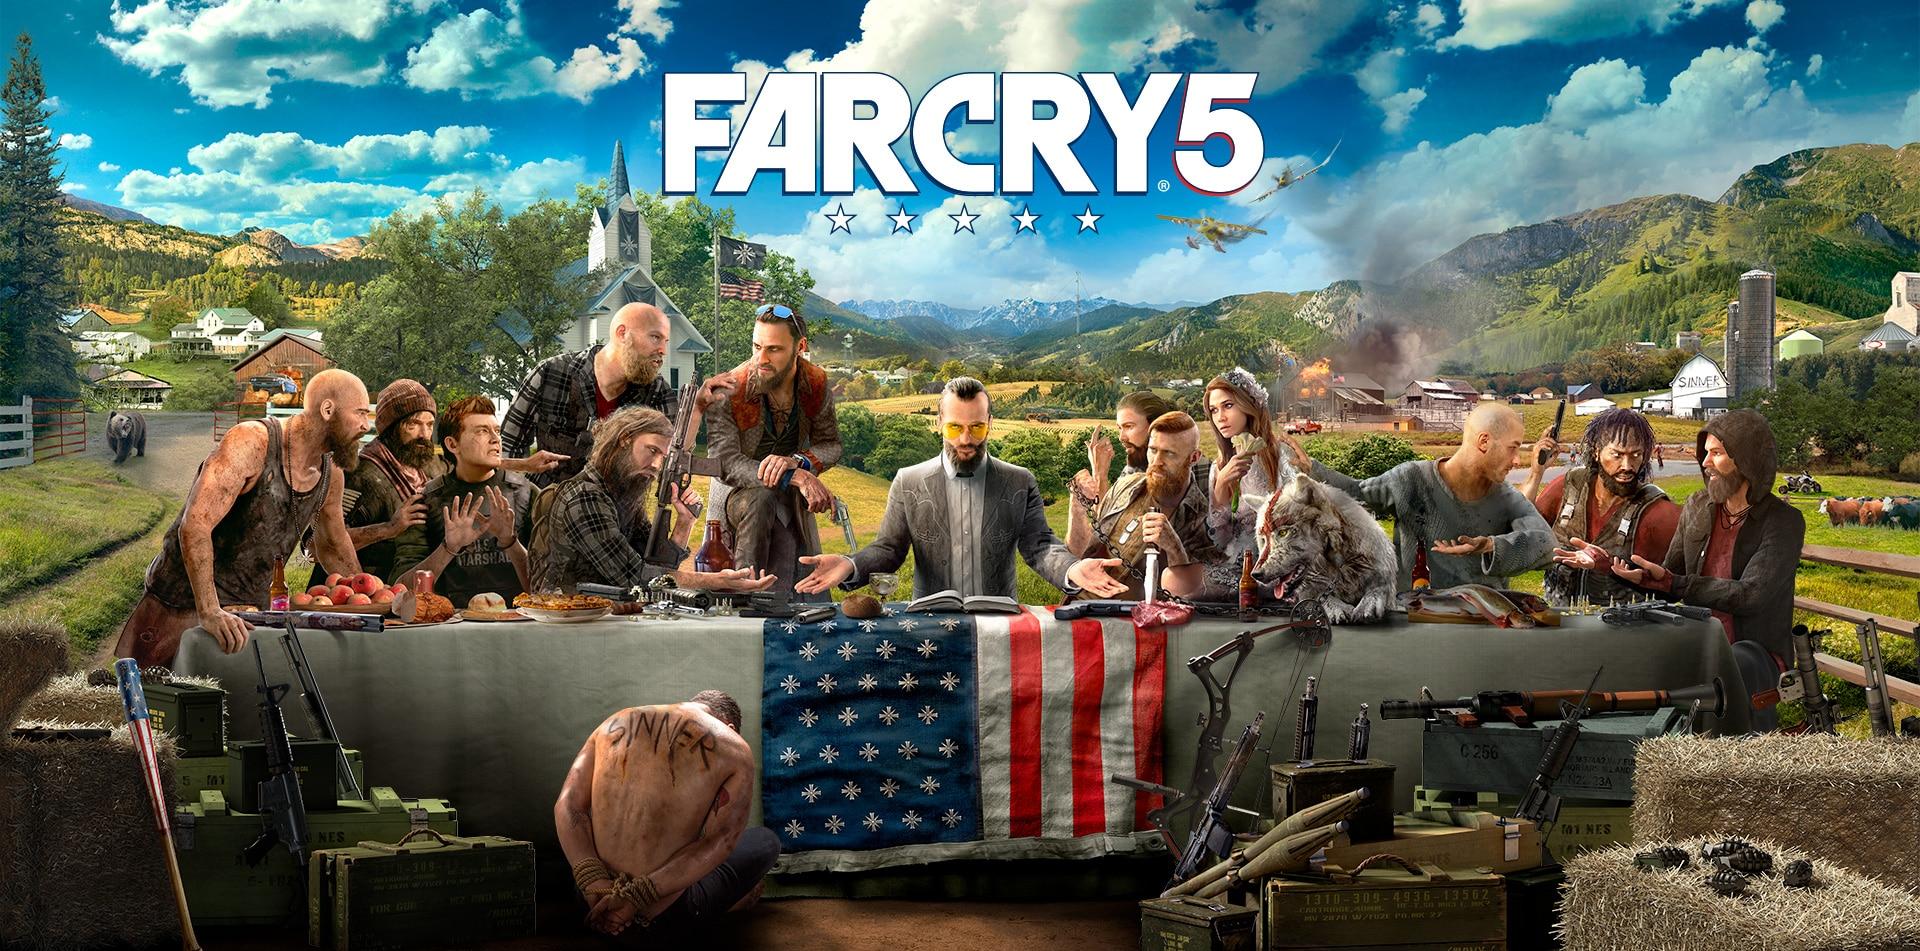 Far Cry 5 vuelve a ocasionar polémica al saberse que Ubisoft sí incluirá microtransacciones en el mismo.